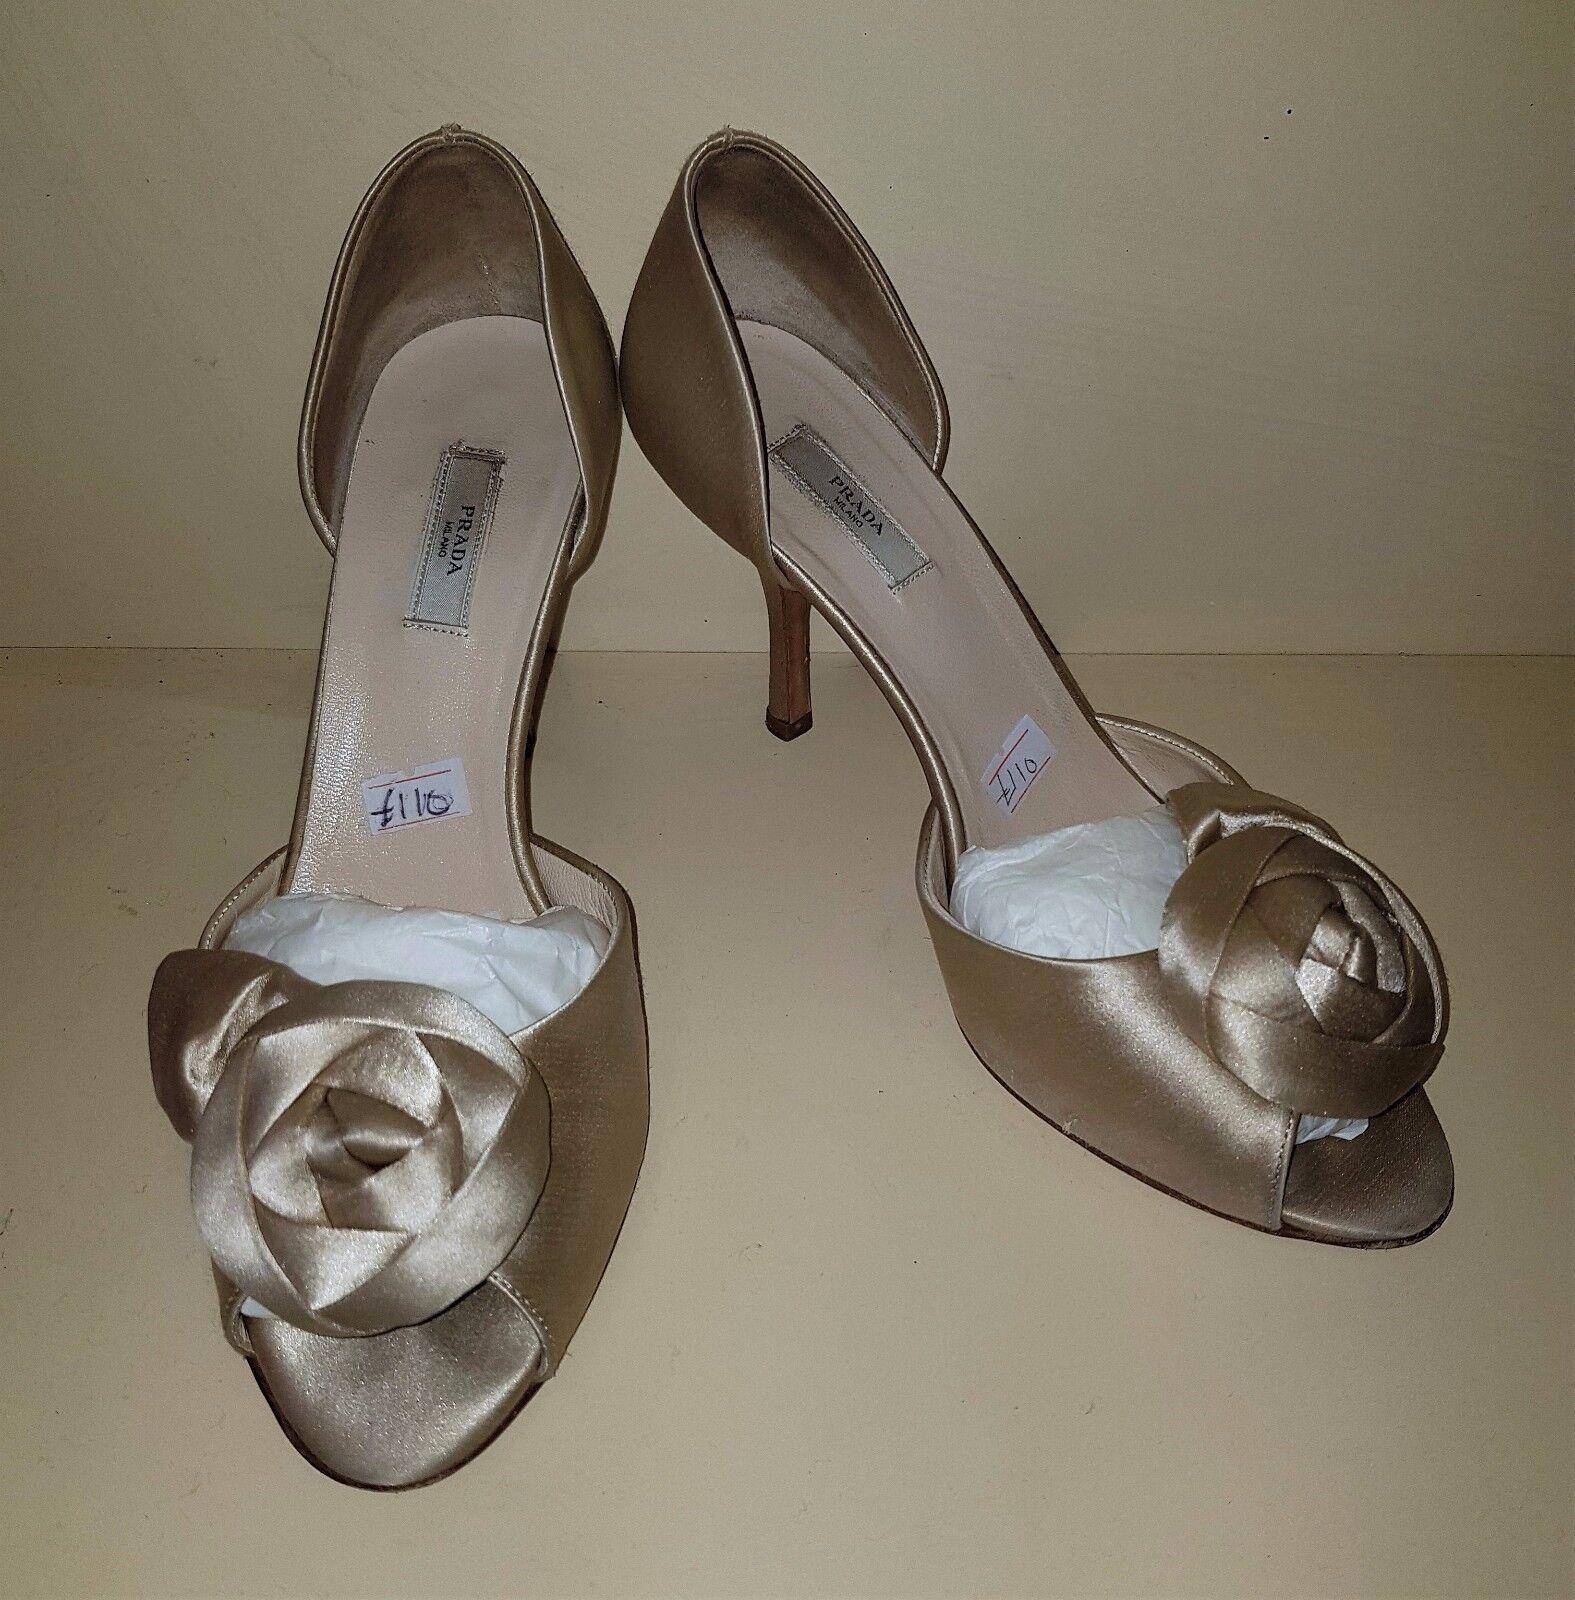 Prada desnuda Satén Tacones Zapatos Mujeres Usado Seminuevo Seminuevo Seminuevo De Damas De Boda Talla 3.5 36.5  60% de descuento